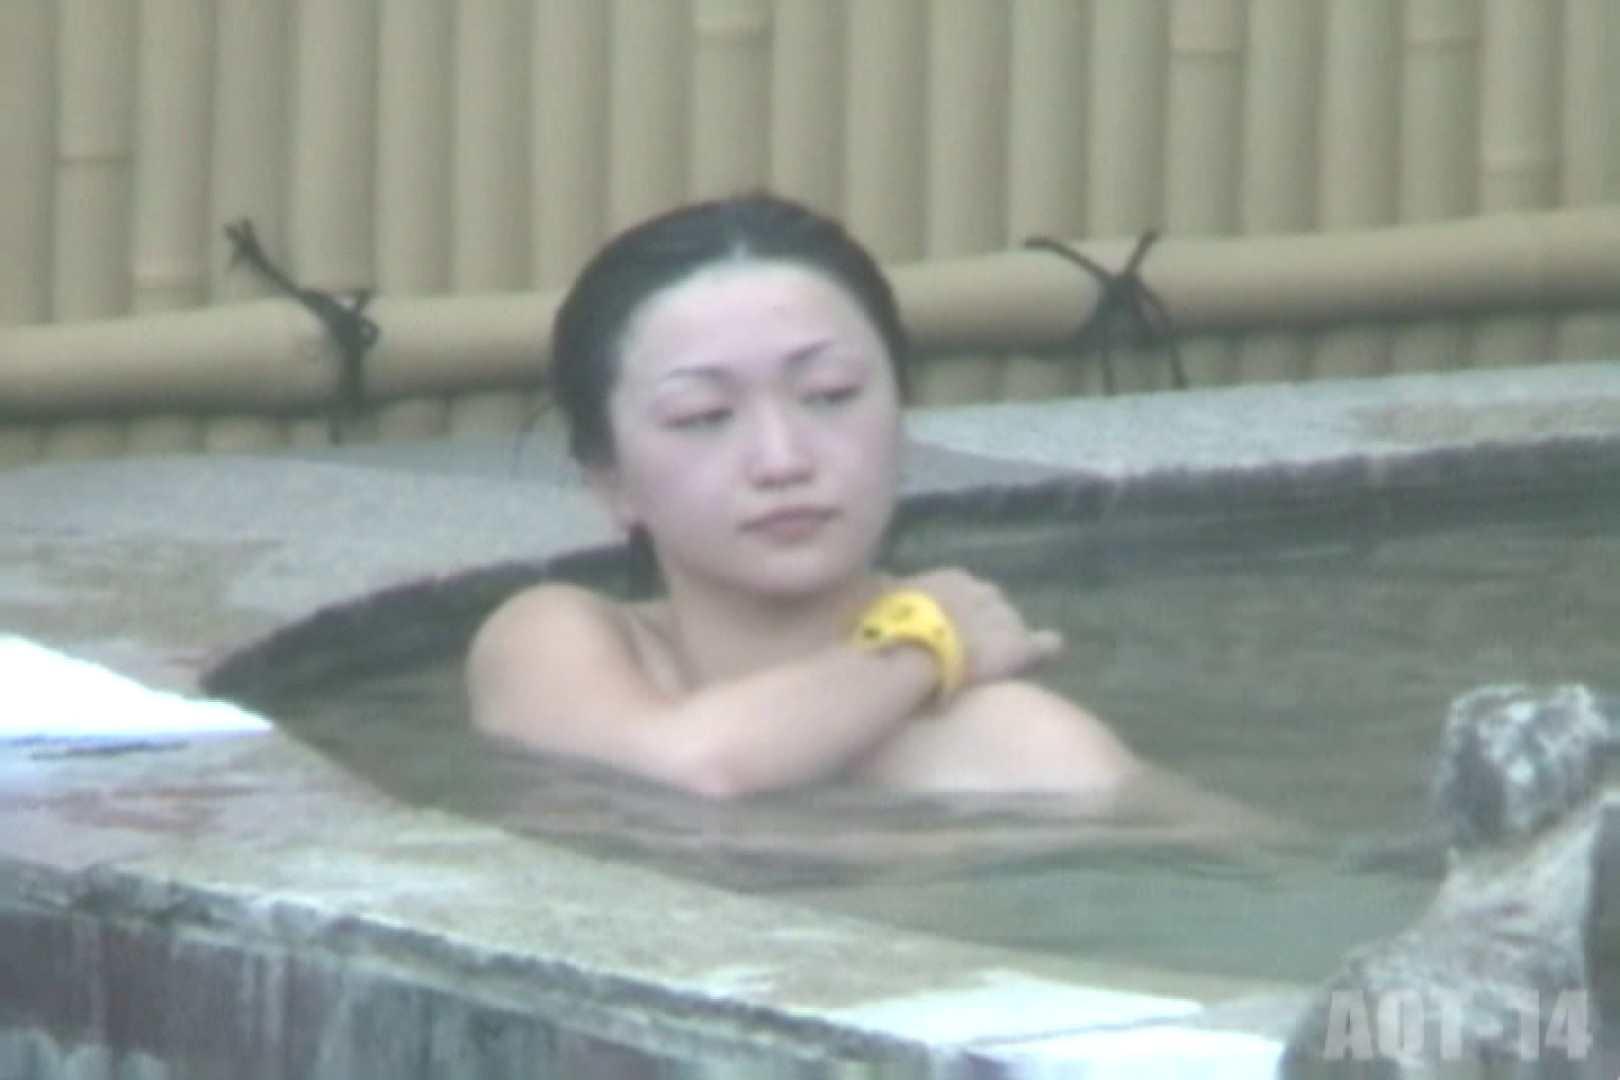 Aquaな露天風呂Vol.826 露天 | 盗撮  58pic 22